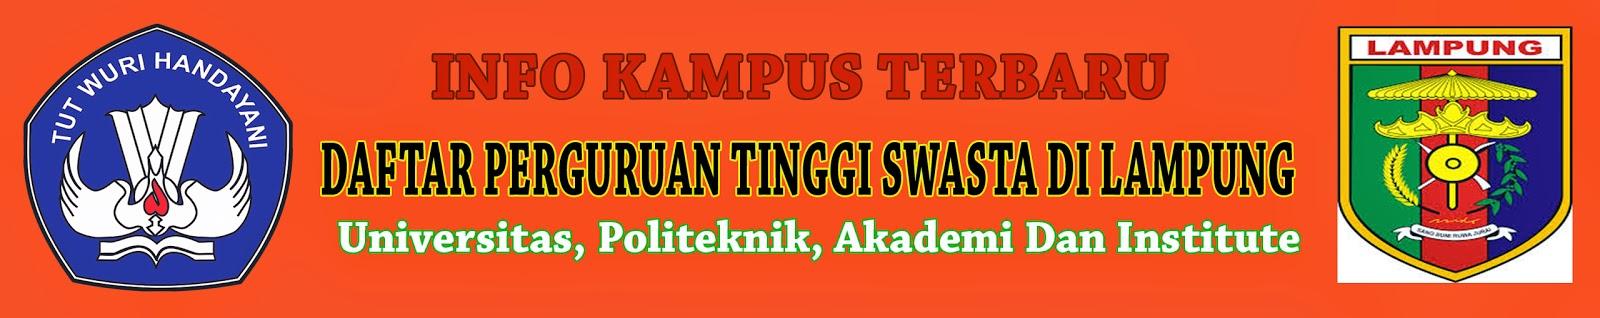 Daftar Perguruan Tinggi Swasta Di Lampung